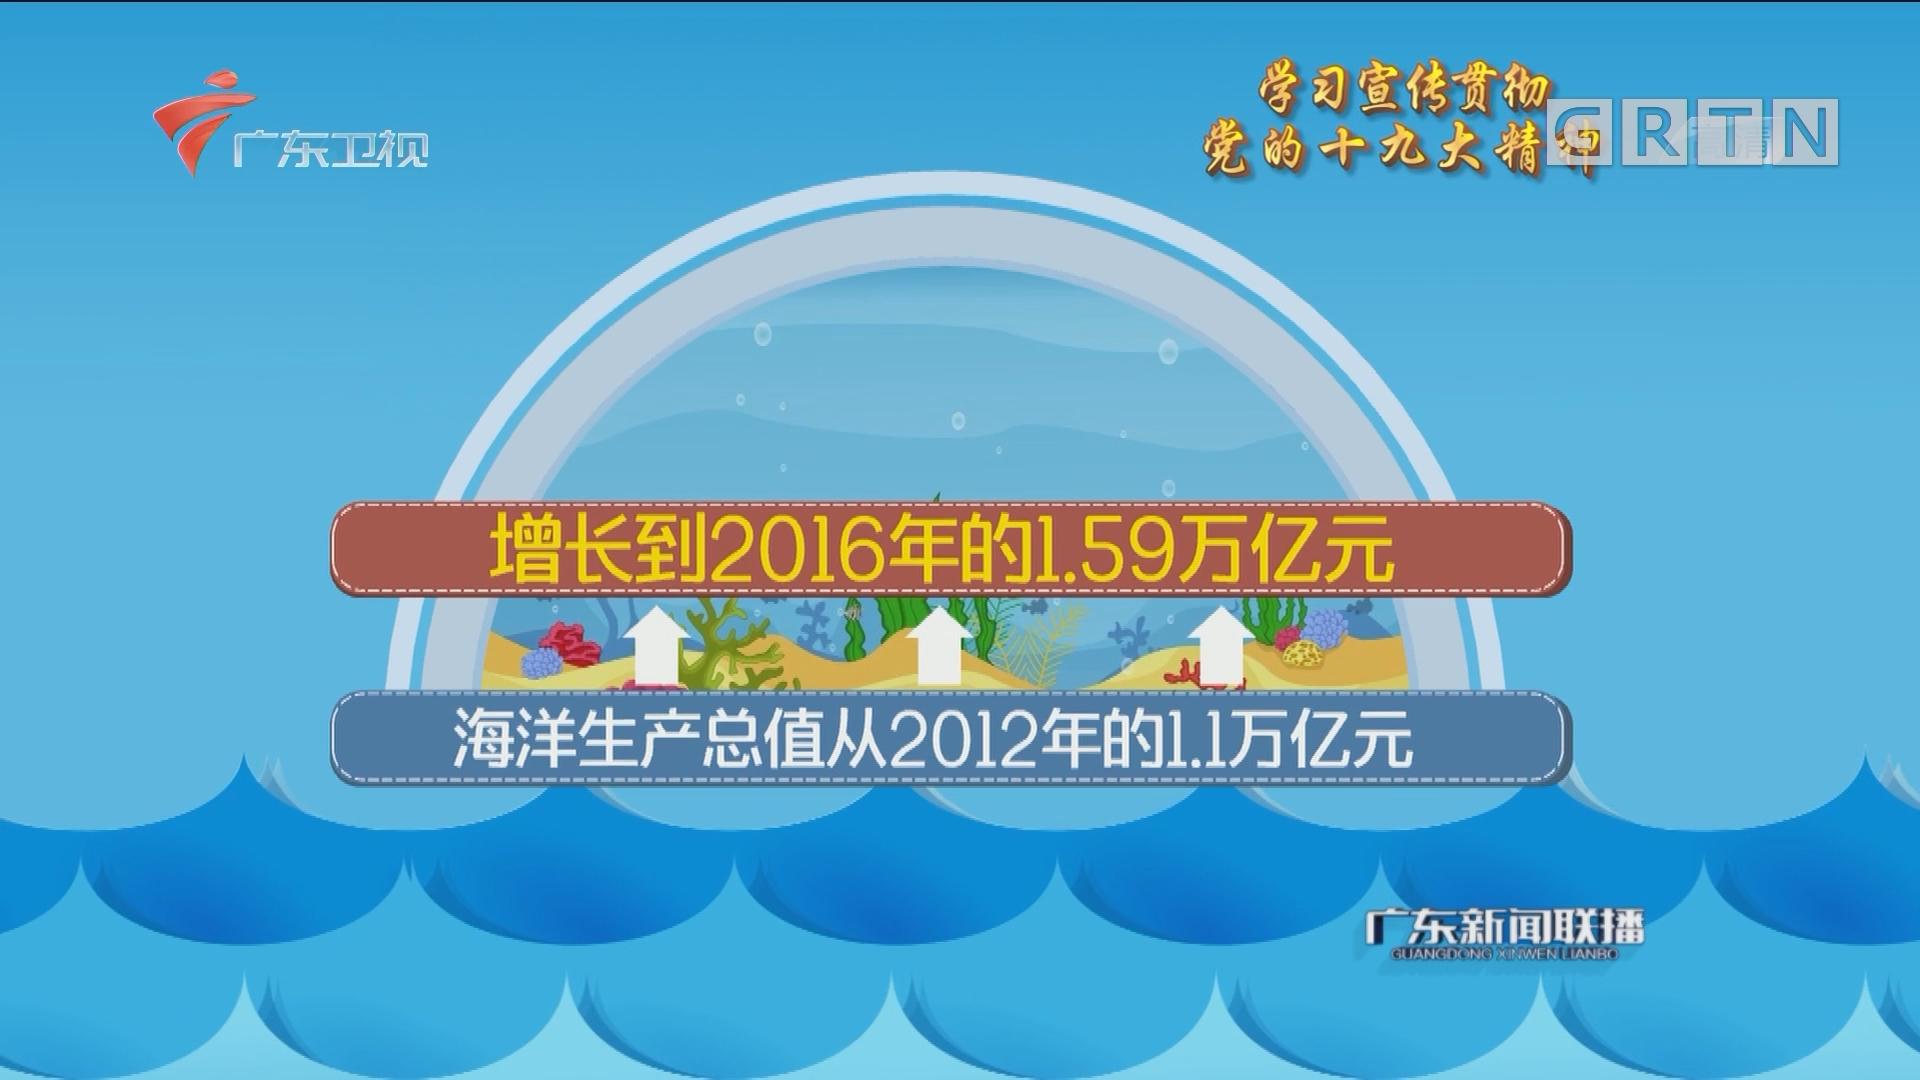 广东:建设海洋强省 坚持生态优先